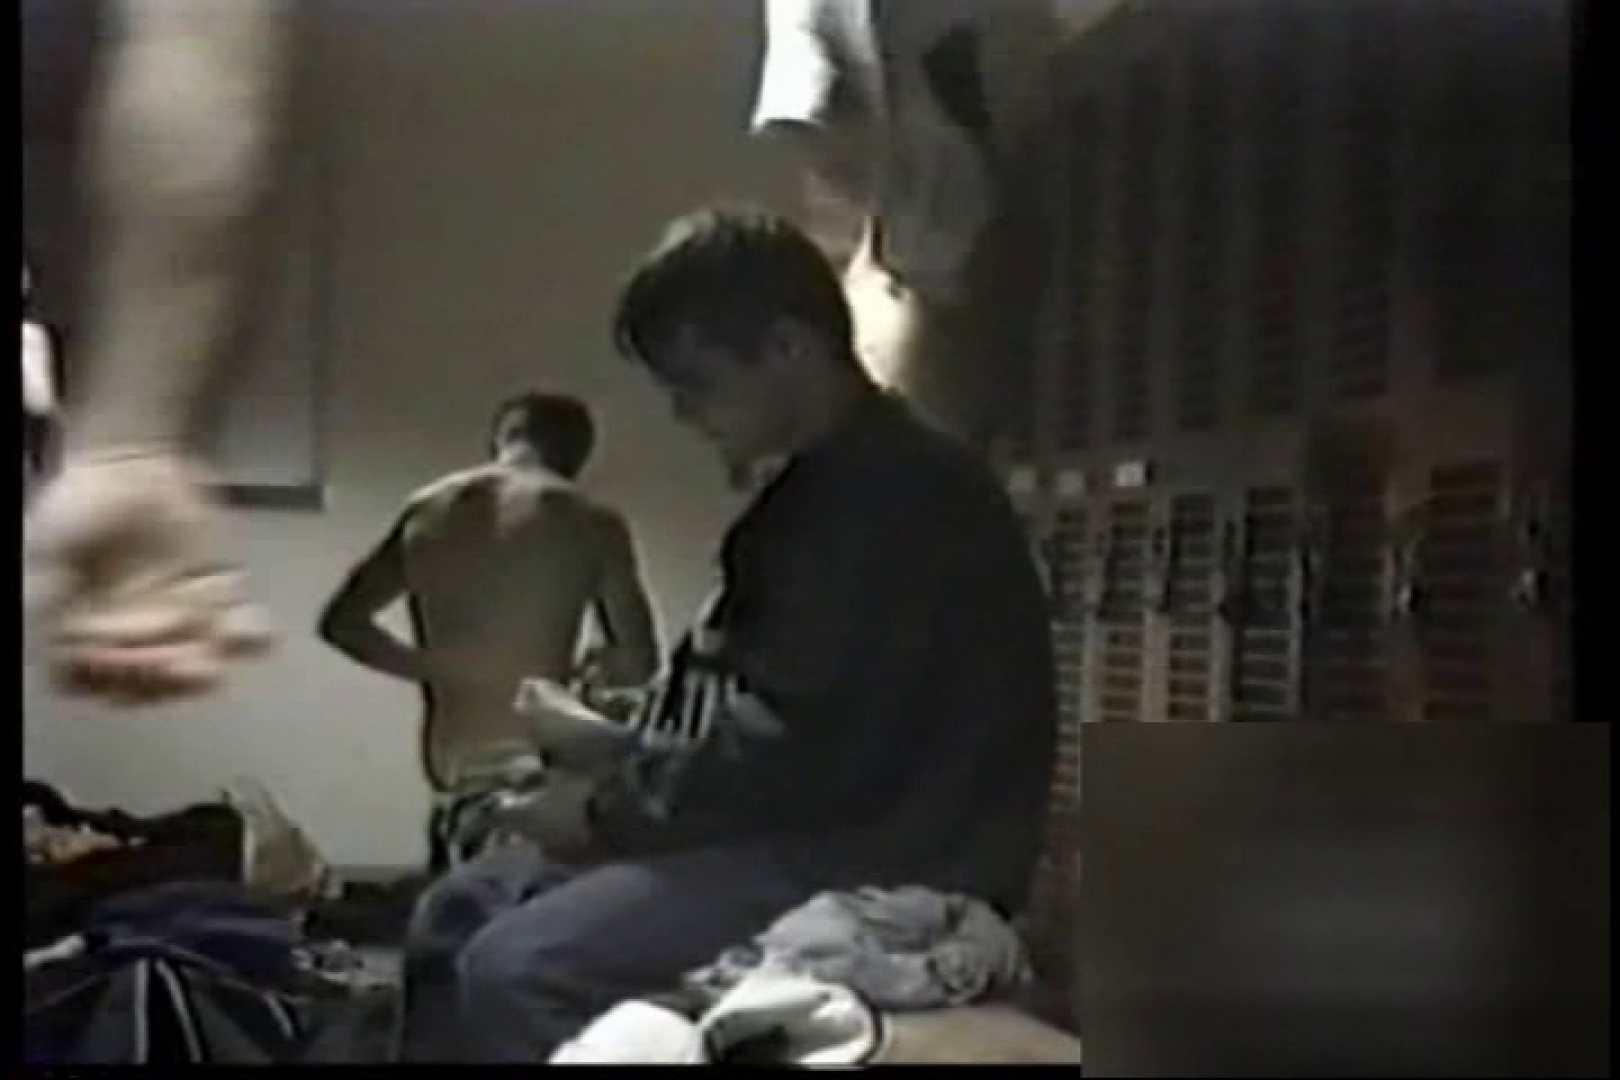 洋人さんの脱衣所を覗いてみました。VOL.3 男天国 | 0  109pic 5